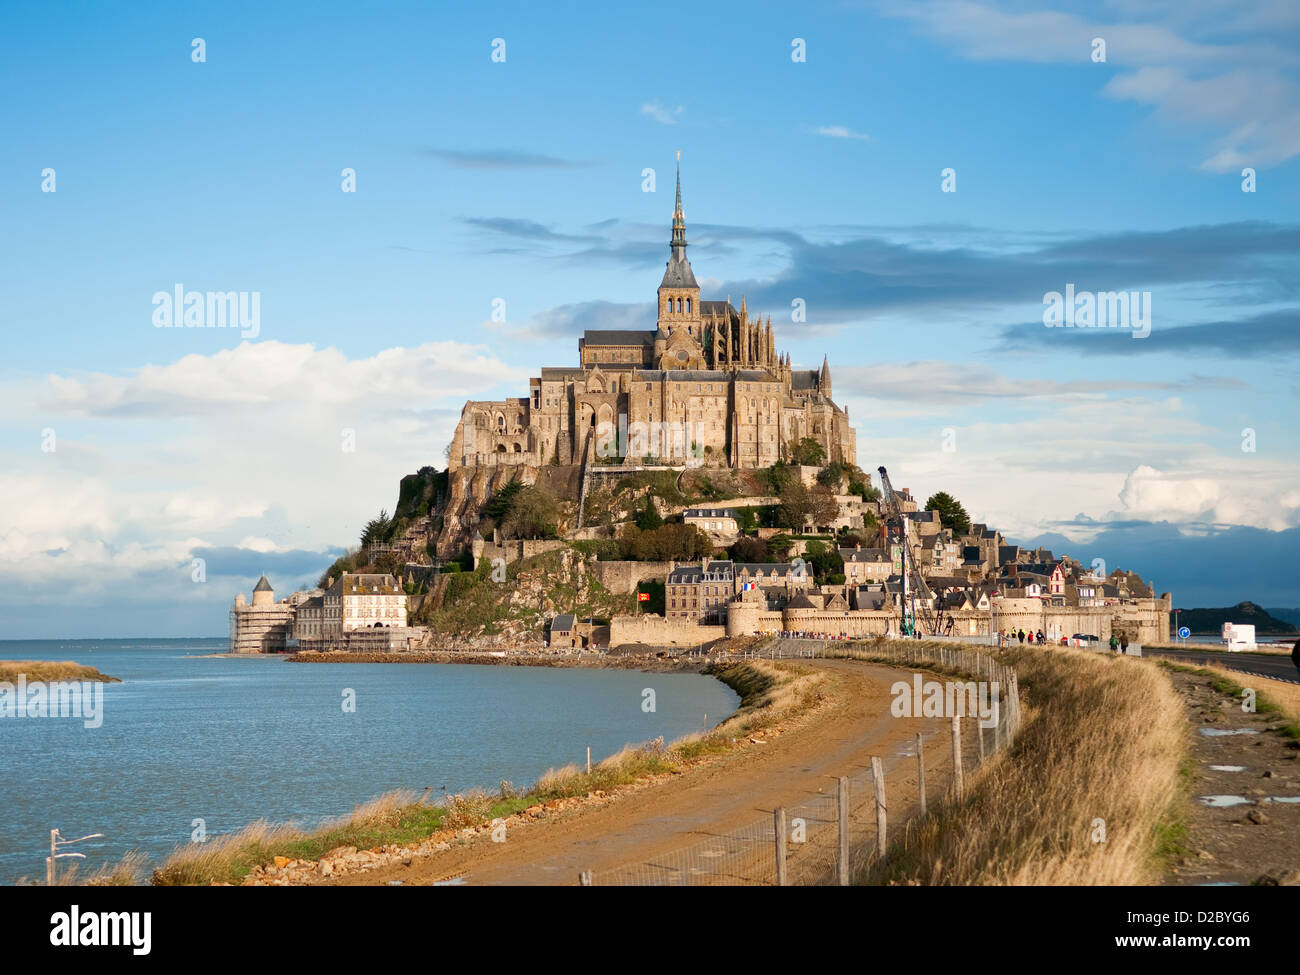 Mont Saint Michel Normandie Frankreich Eines Der Meist Besuchten Sehenswurdigkeiten In Frankreich Stockfotografie Alamy